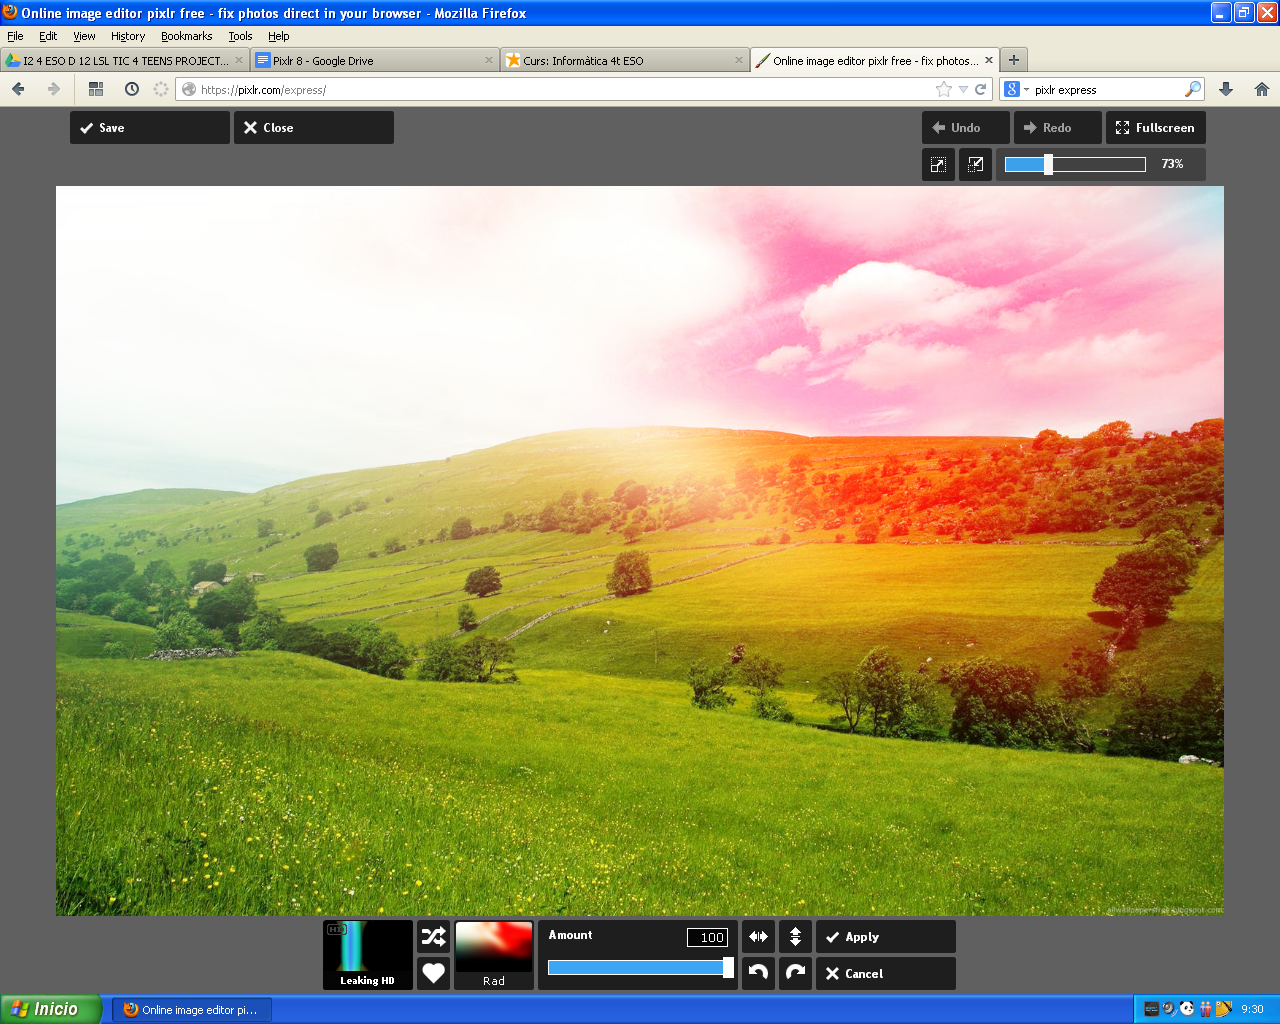 Leaking HD - Pixlr Express (TIC4TEENS)